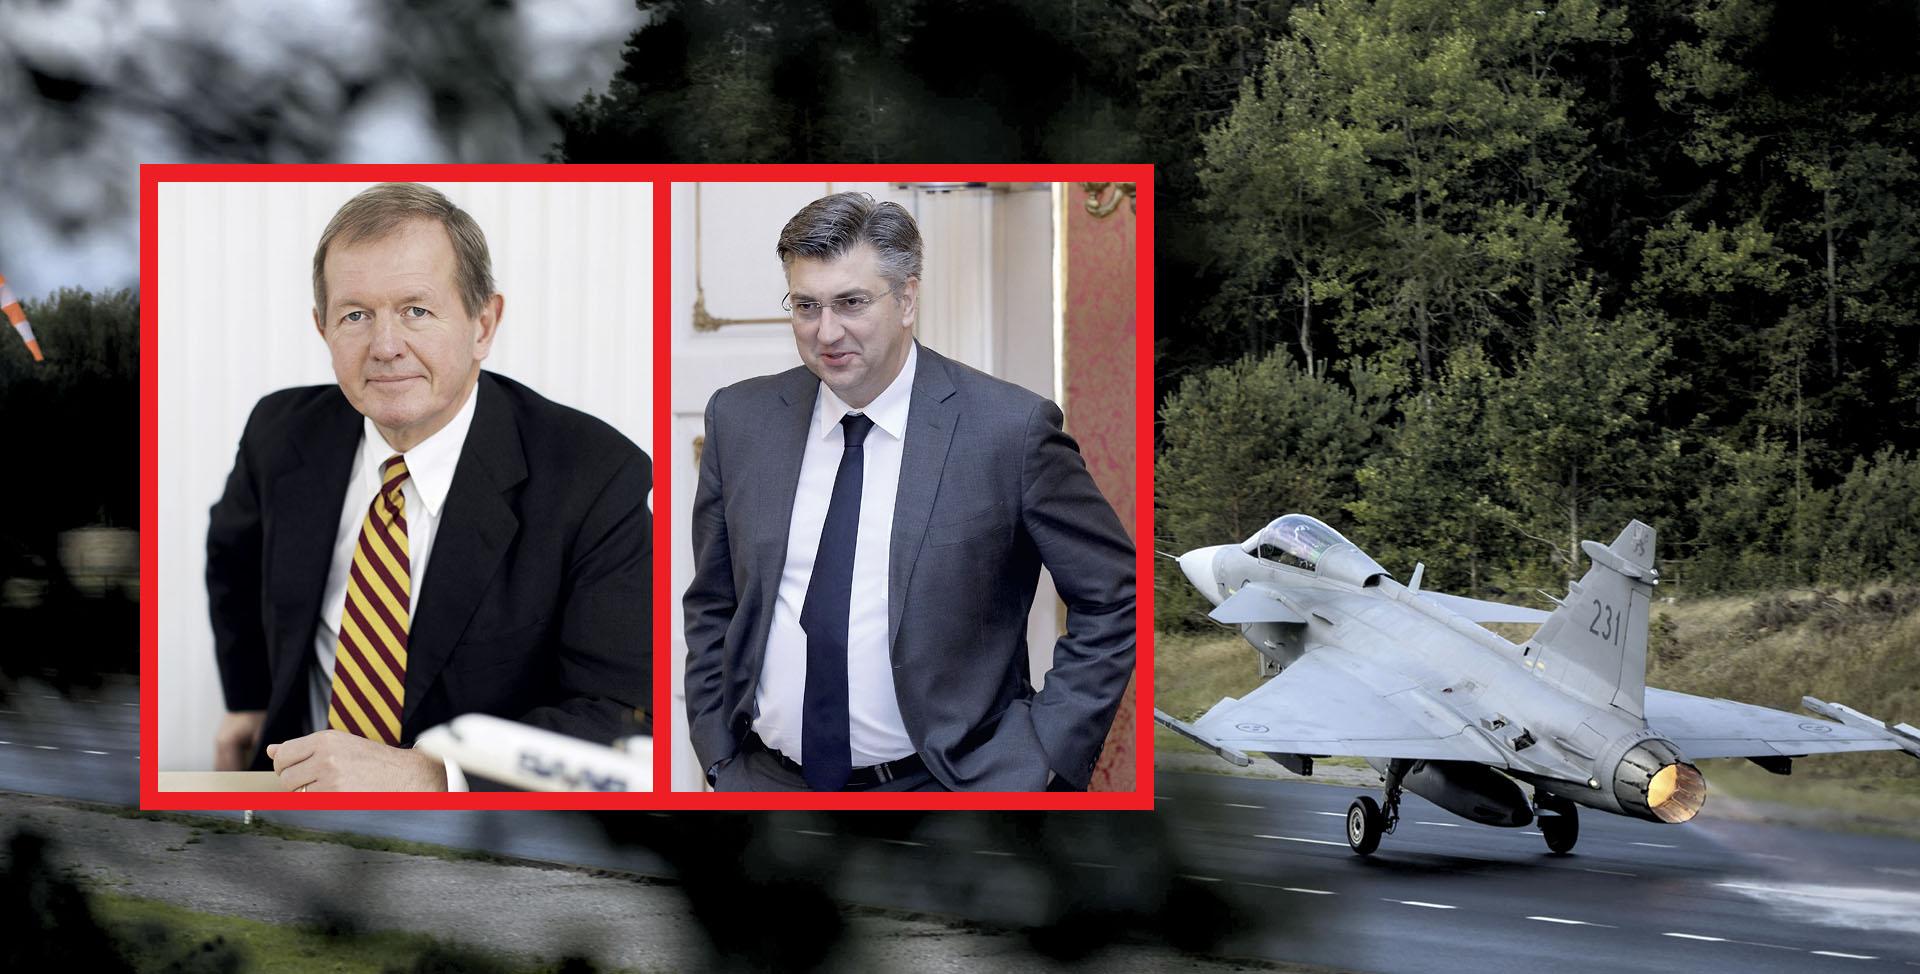 Šveđani ne odustaju od prodaje Gripena